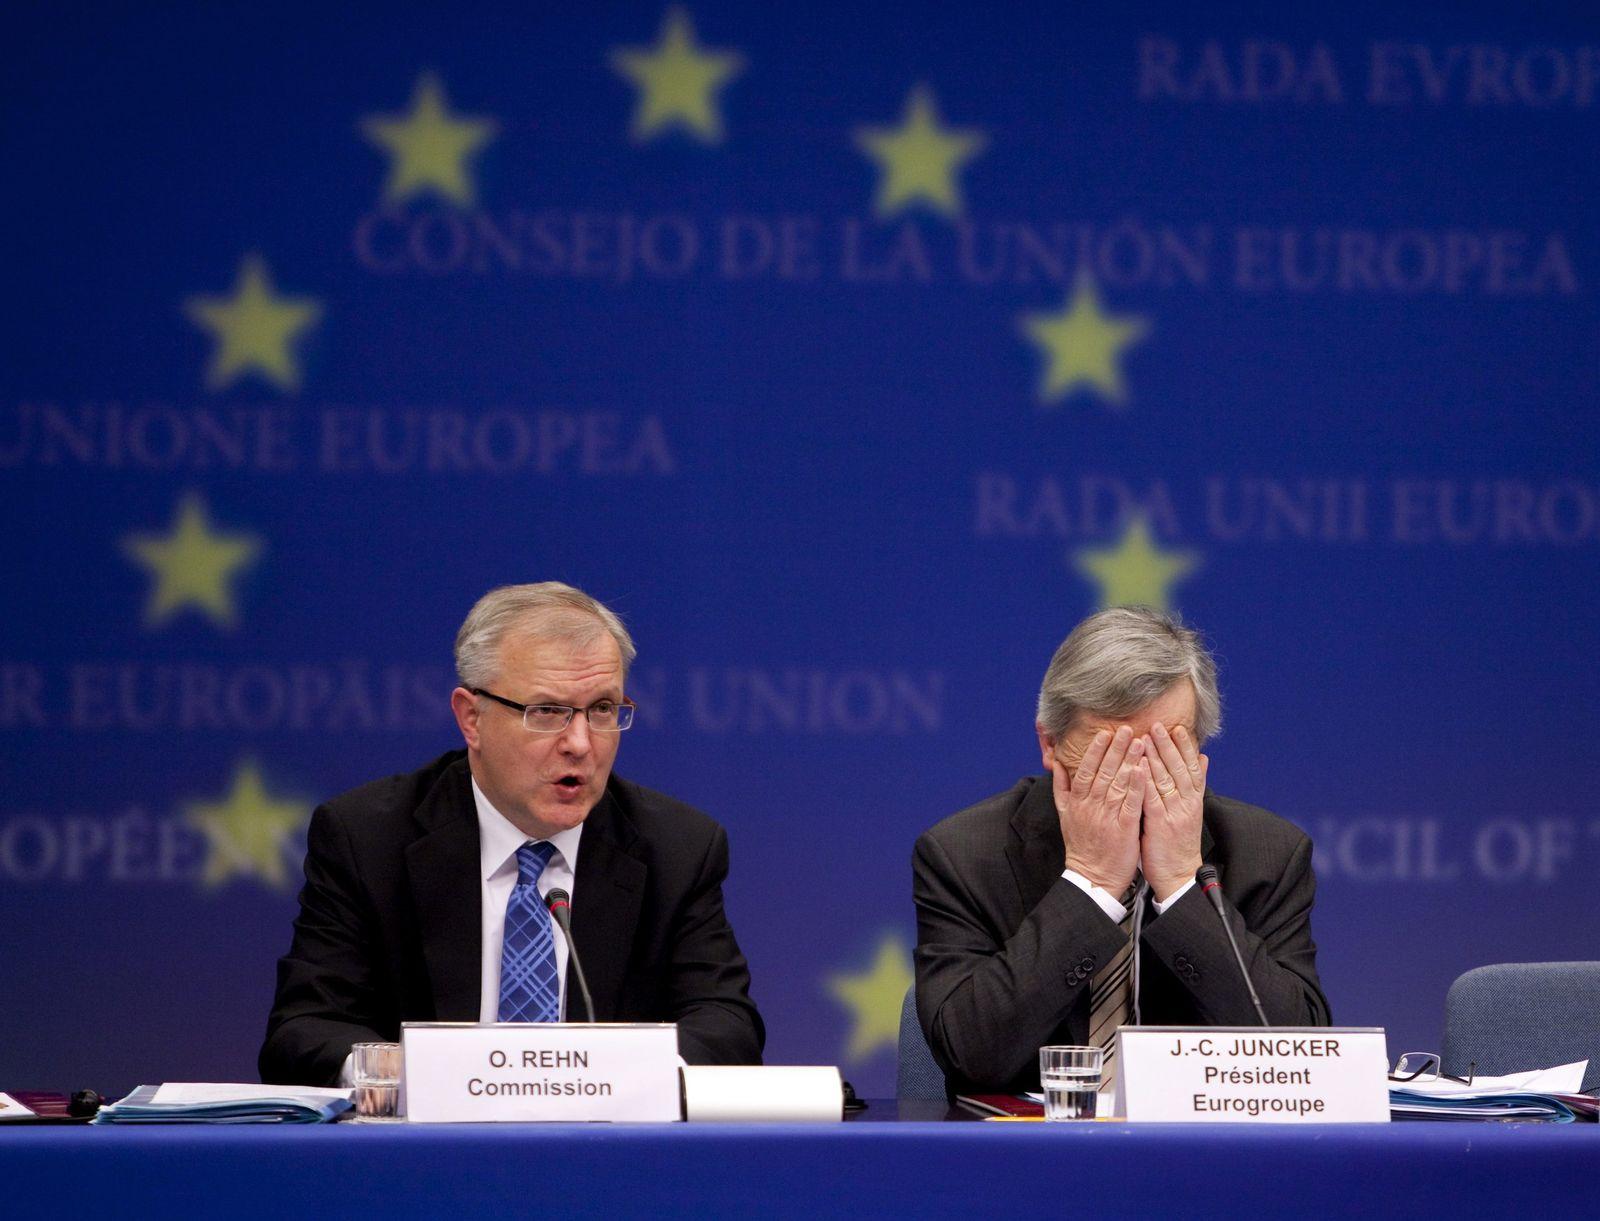 Juncker / Rehen / Zeitleiste Euro-Krise